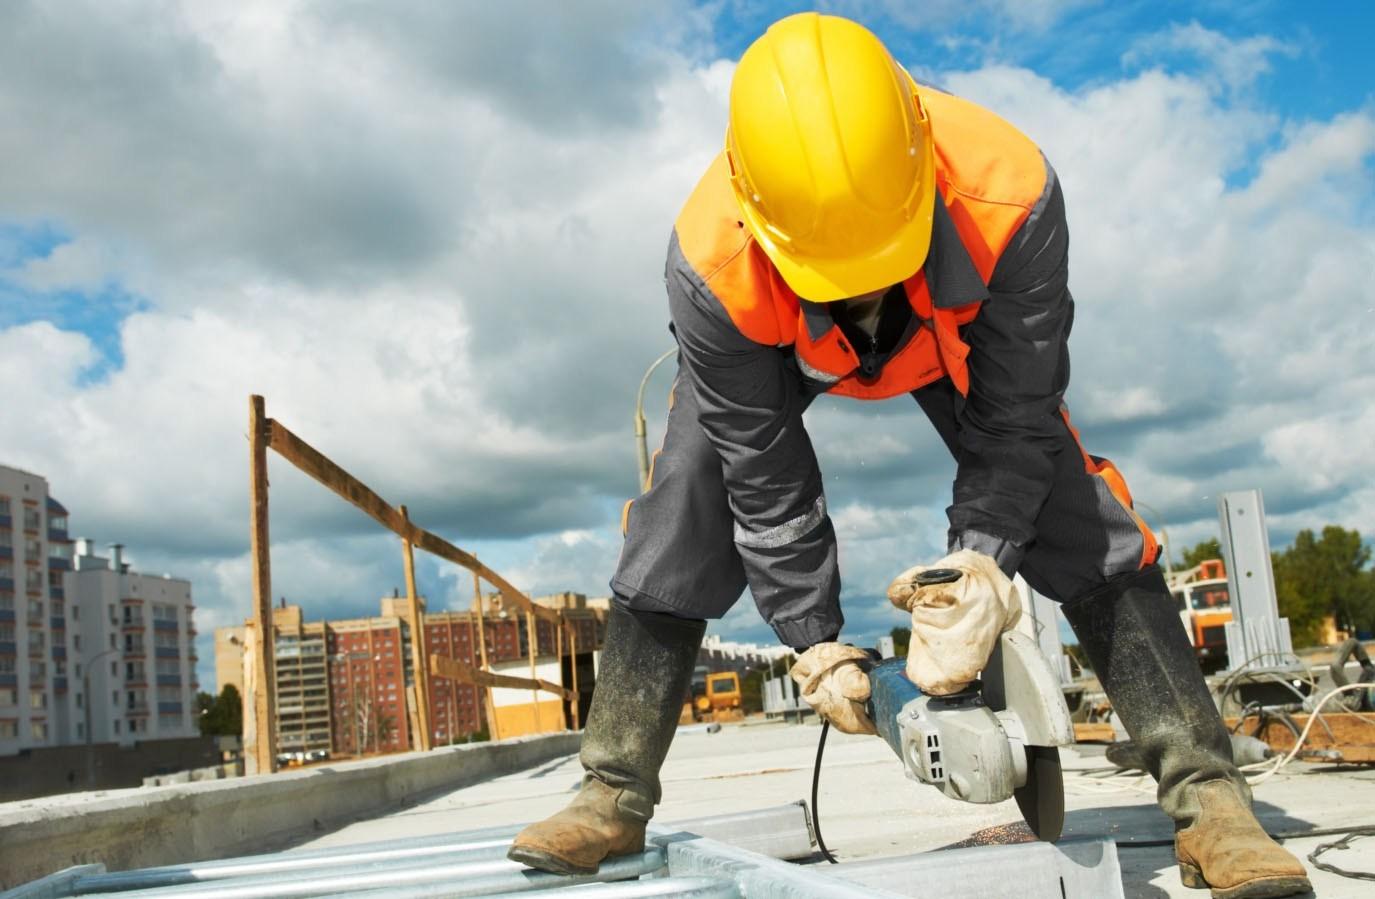 Construcción: este año se registraron más de 5000 desempleados en Córdoba